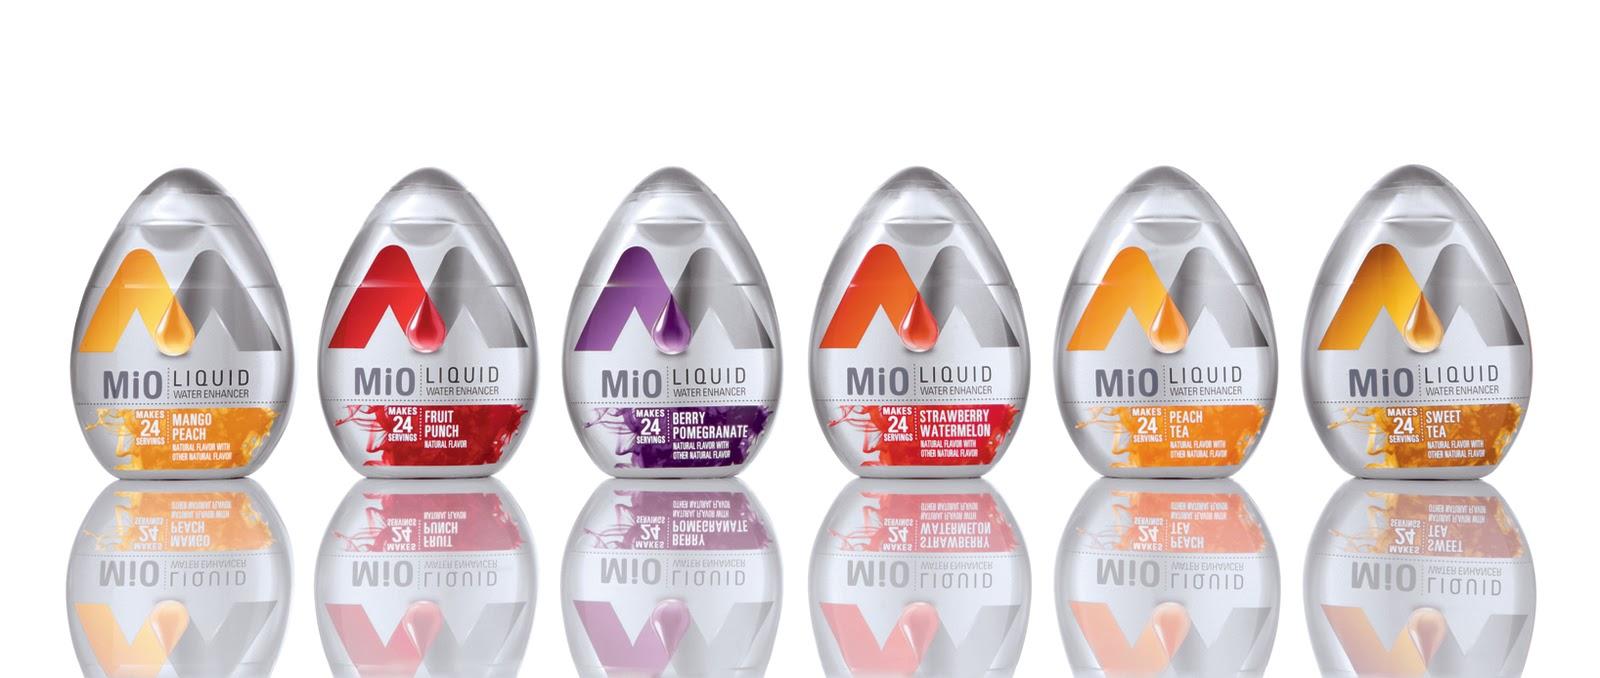 Target Mio Liquid Only 1 74